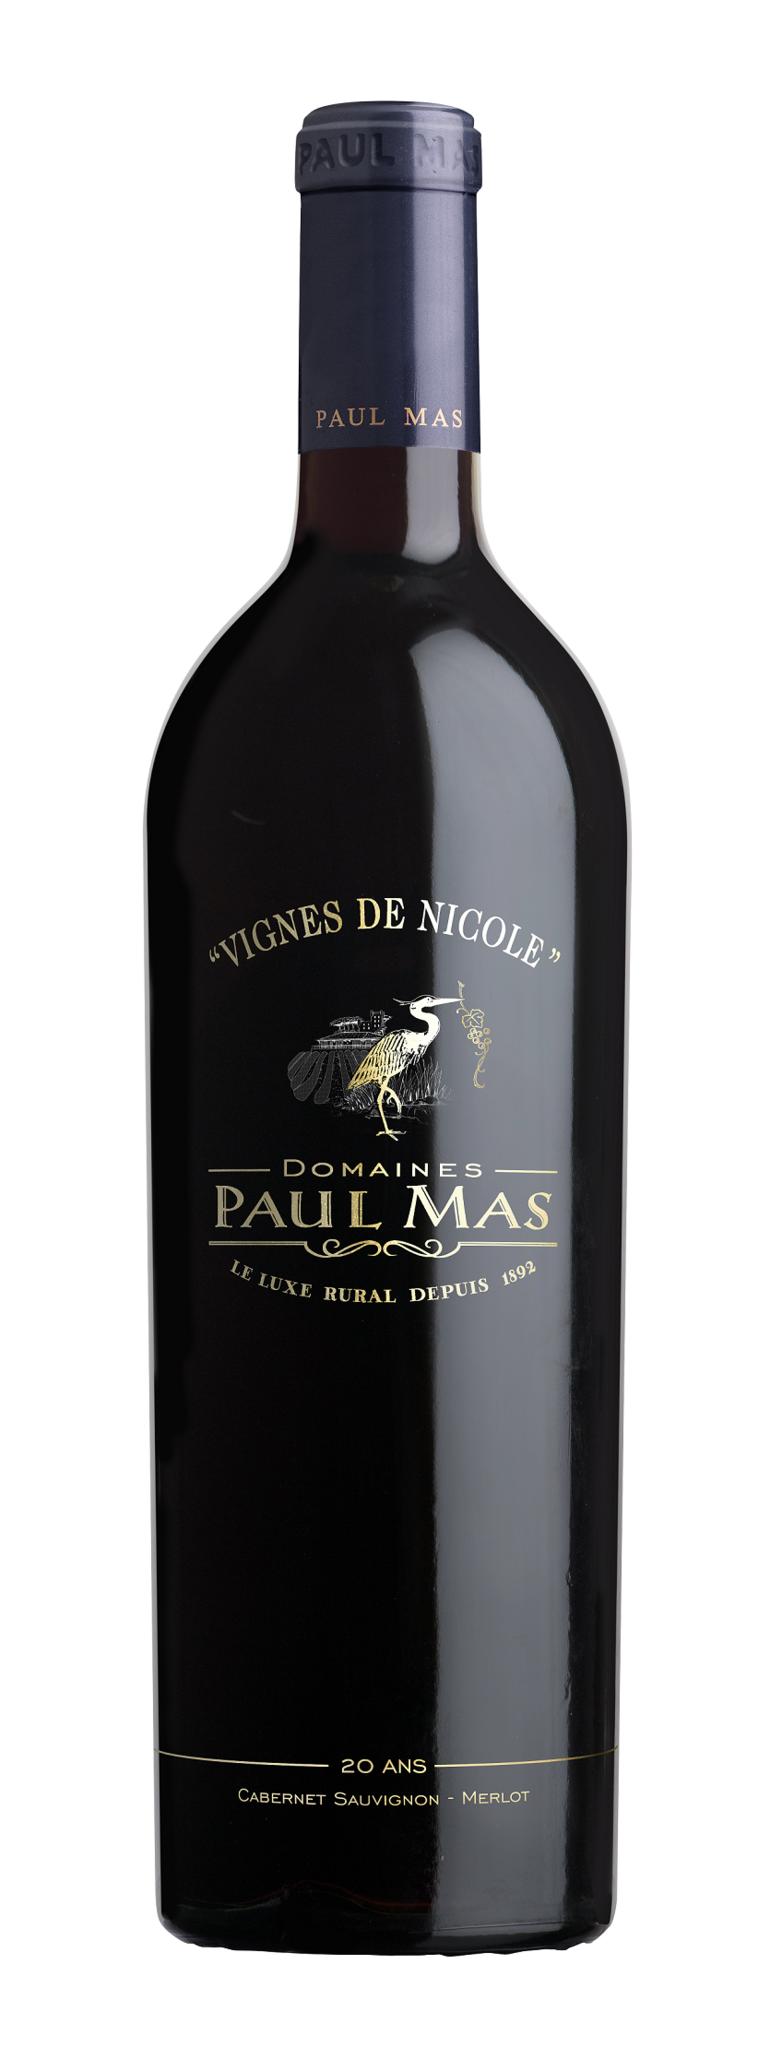 Mas, Paul - Languedoc 2019 Cabernet/Merlot Reserve, 20 Jahre Paul Mas Vignes de Nicole, Paul Mas